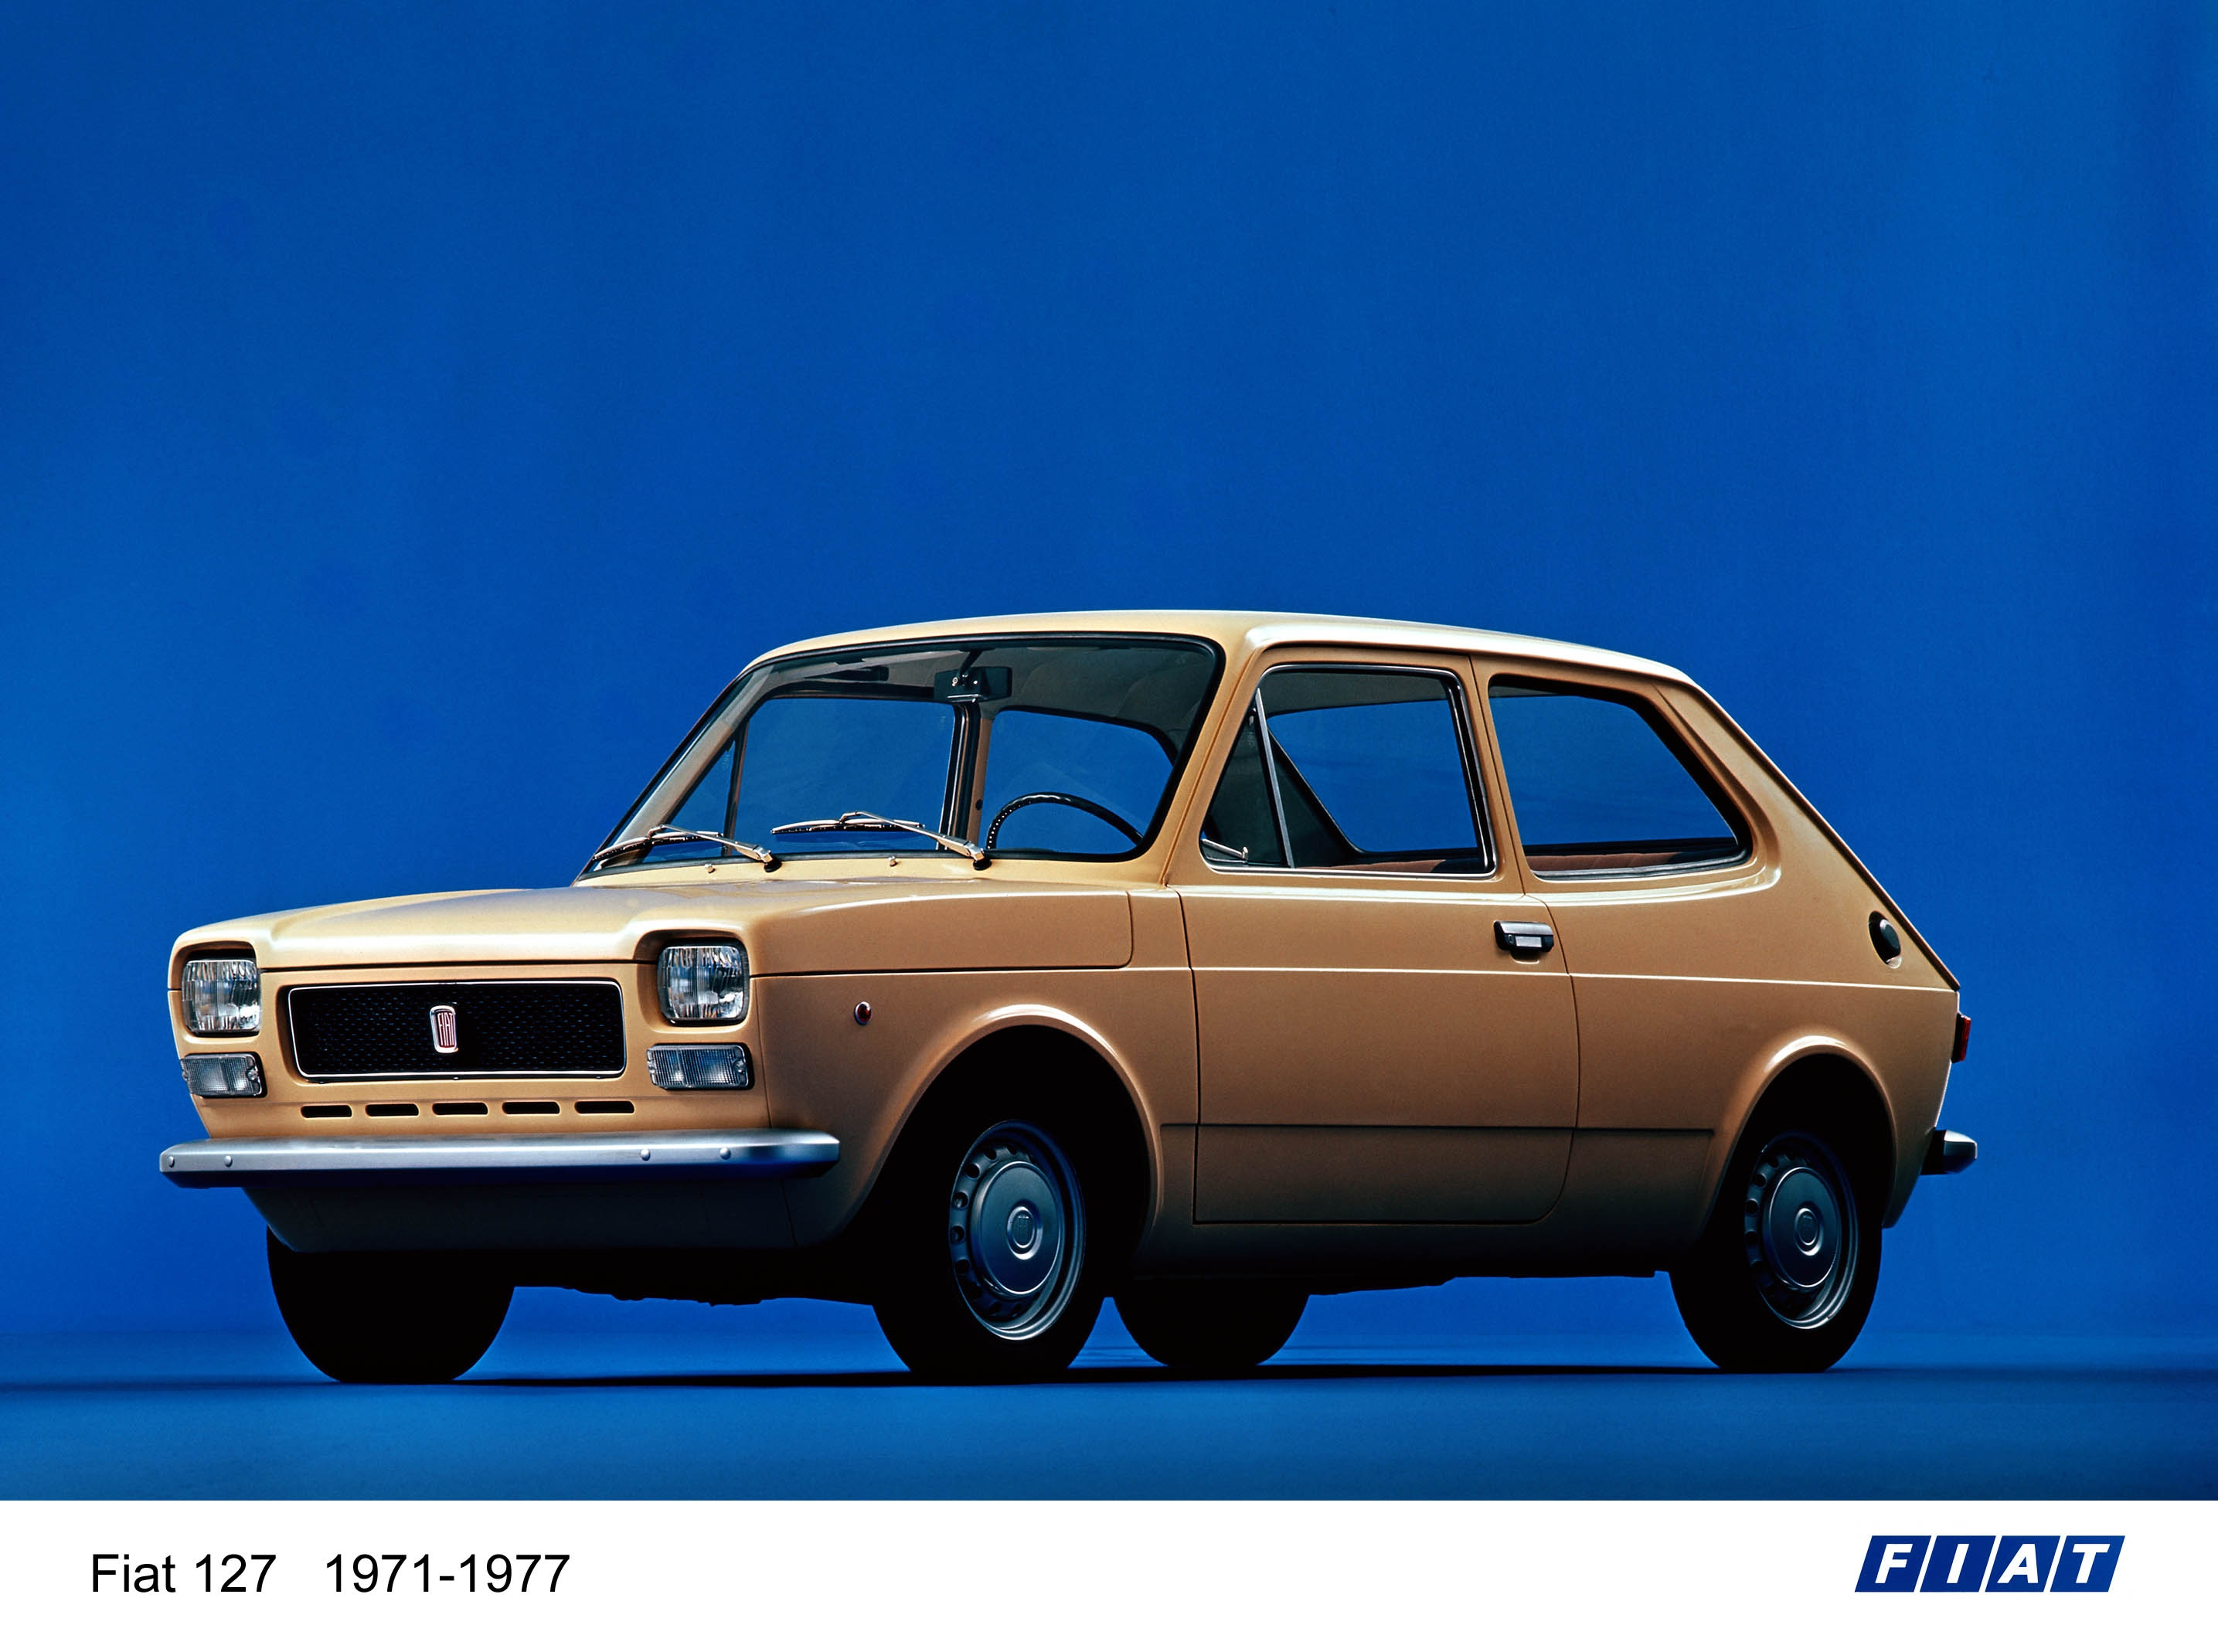 Geschichte Der Kompakten Fiat Vom Fiat 127 252 Ber Den Fiat